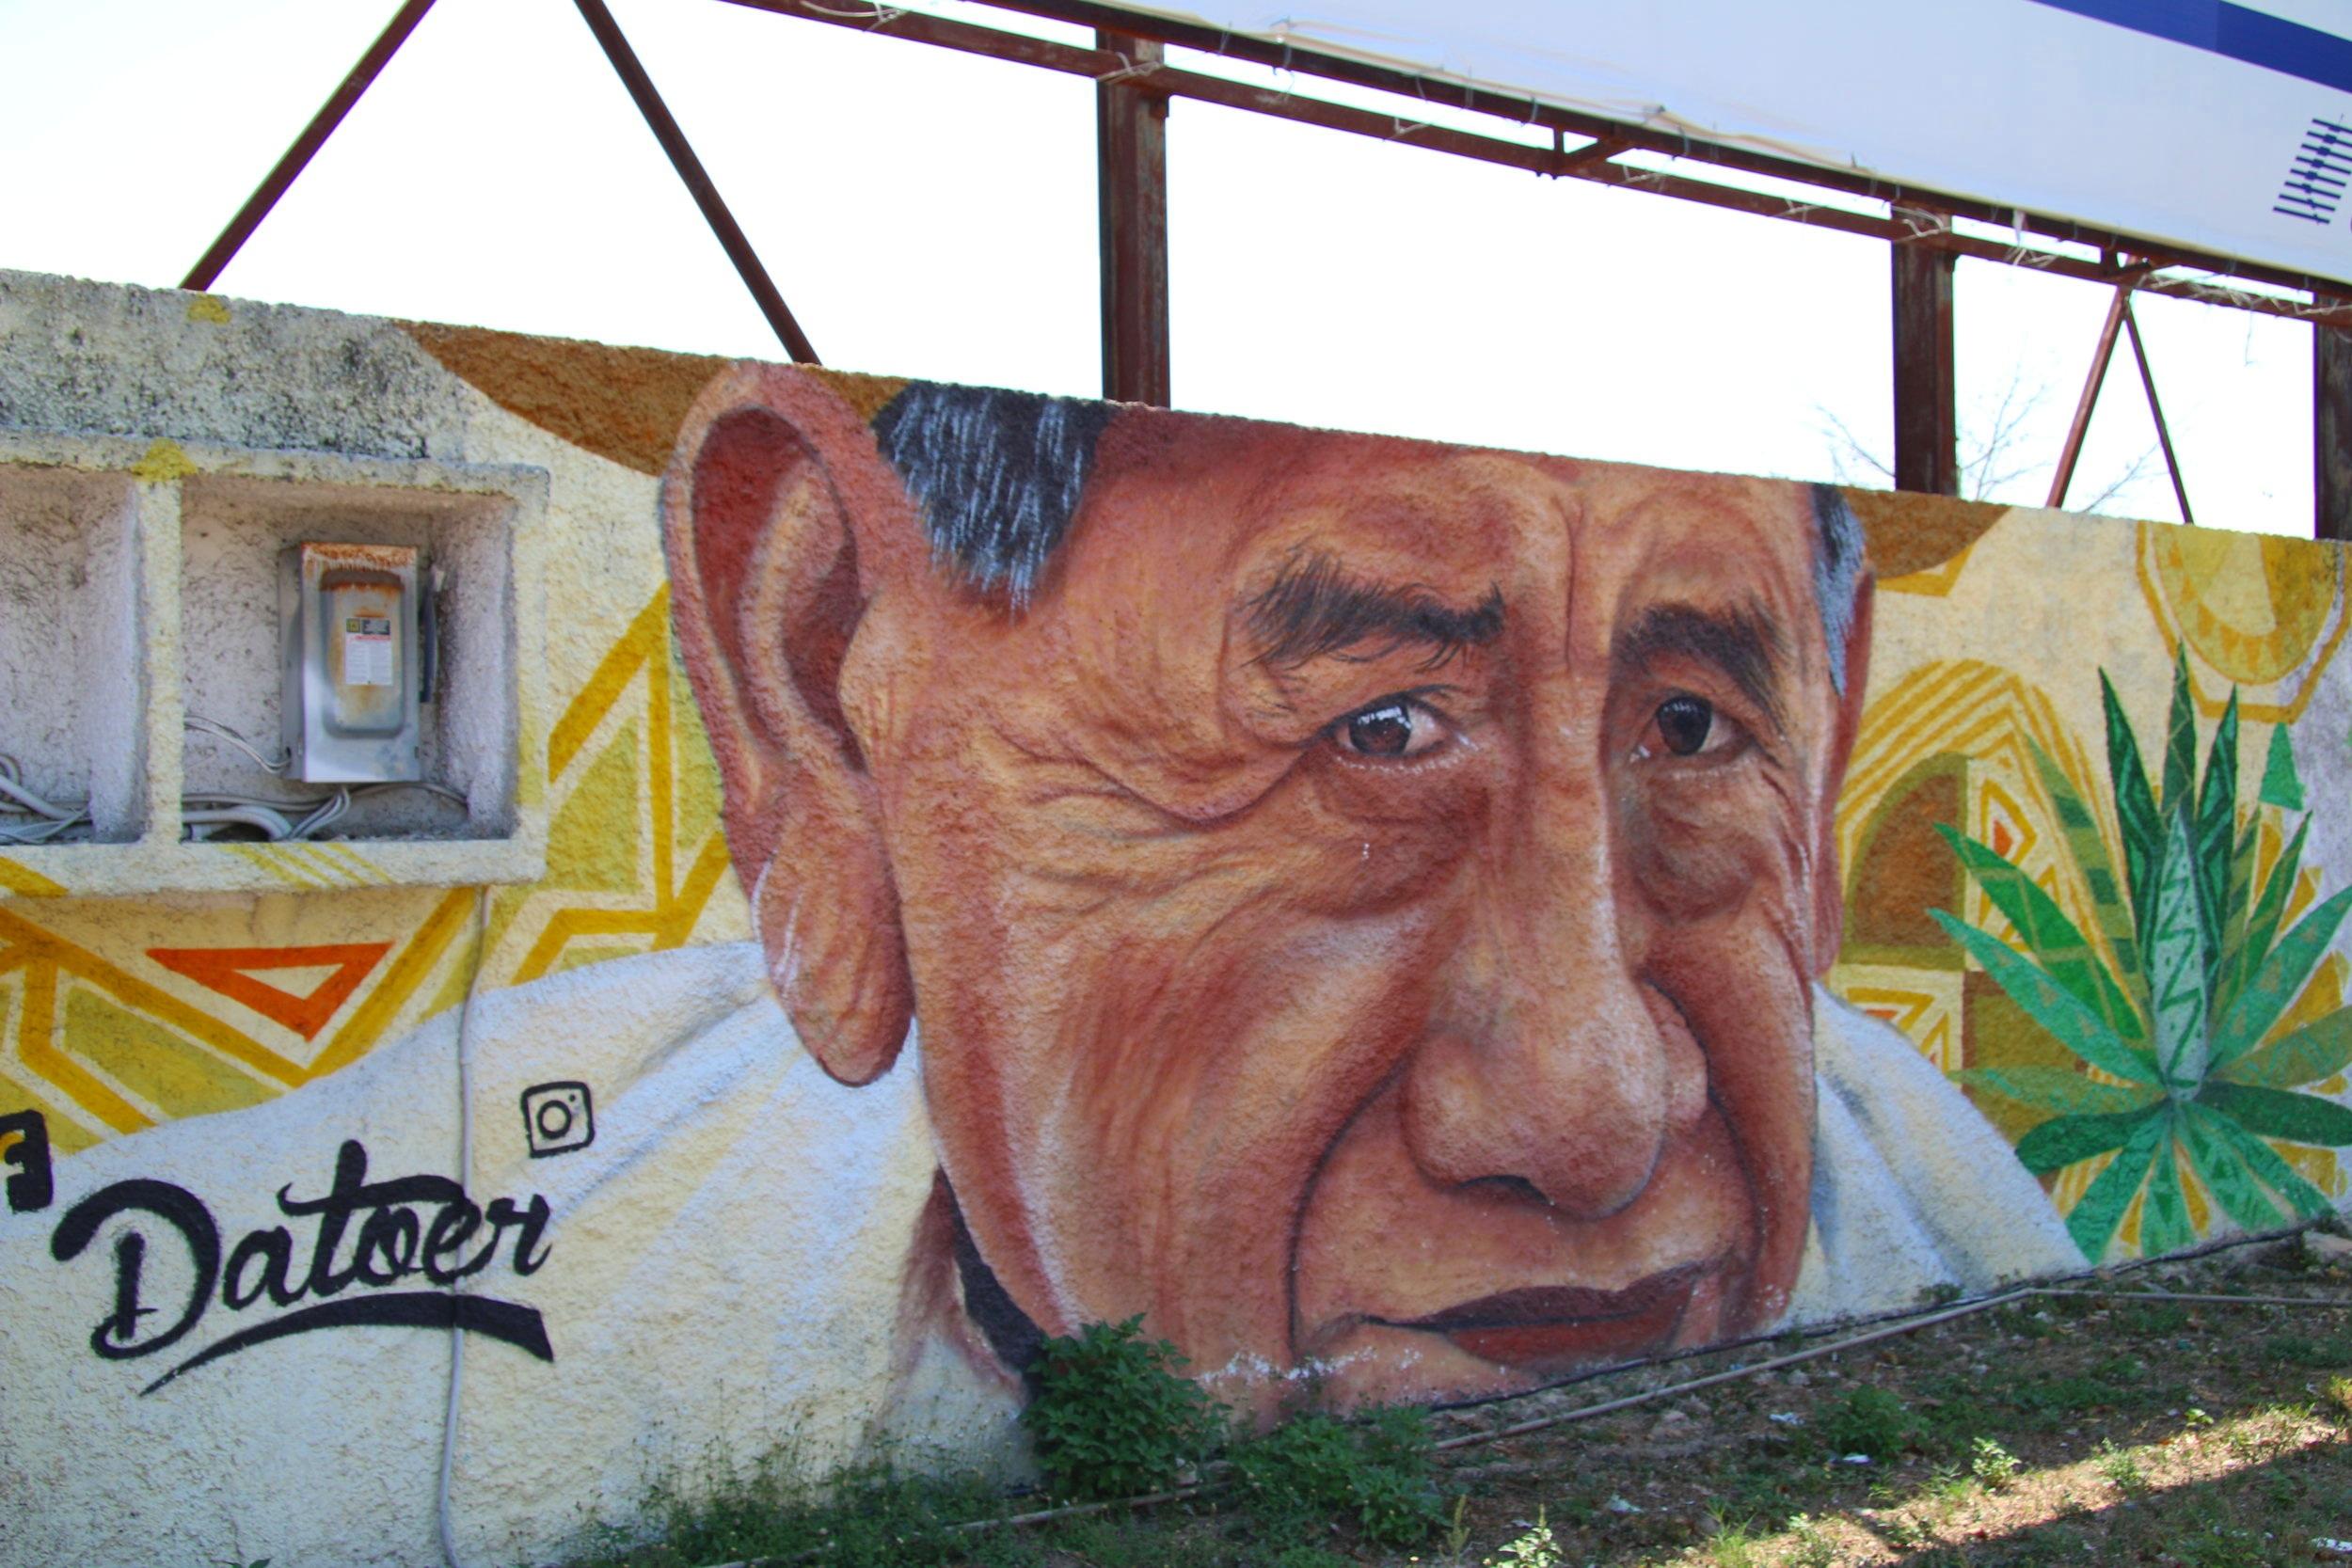 Datoer murals in Motul.